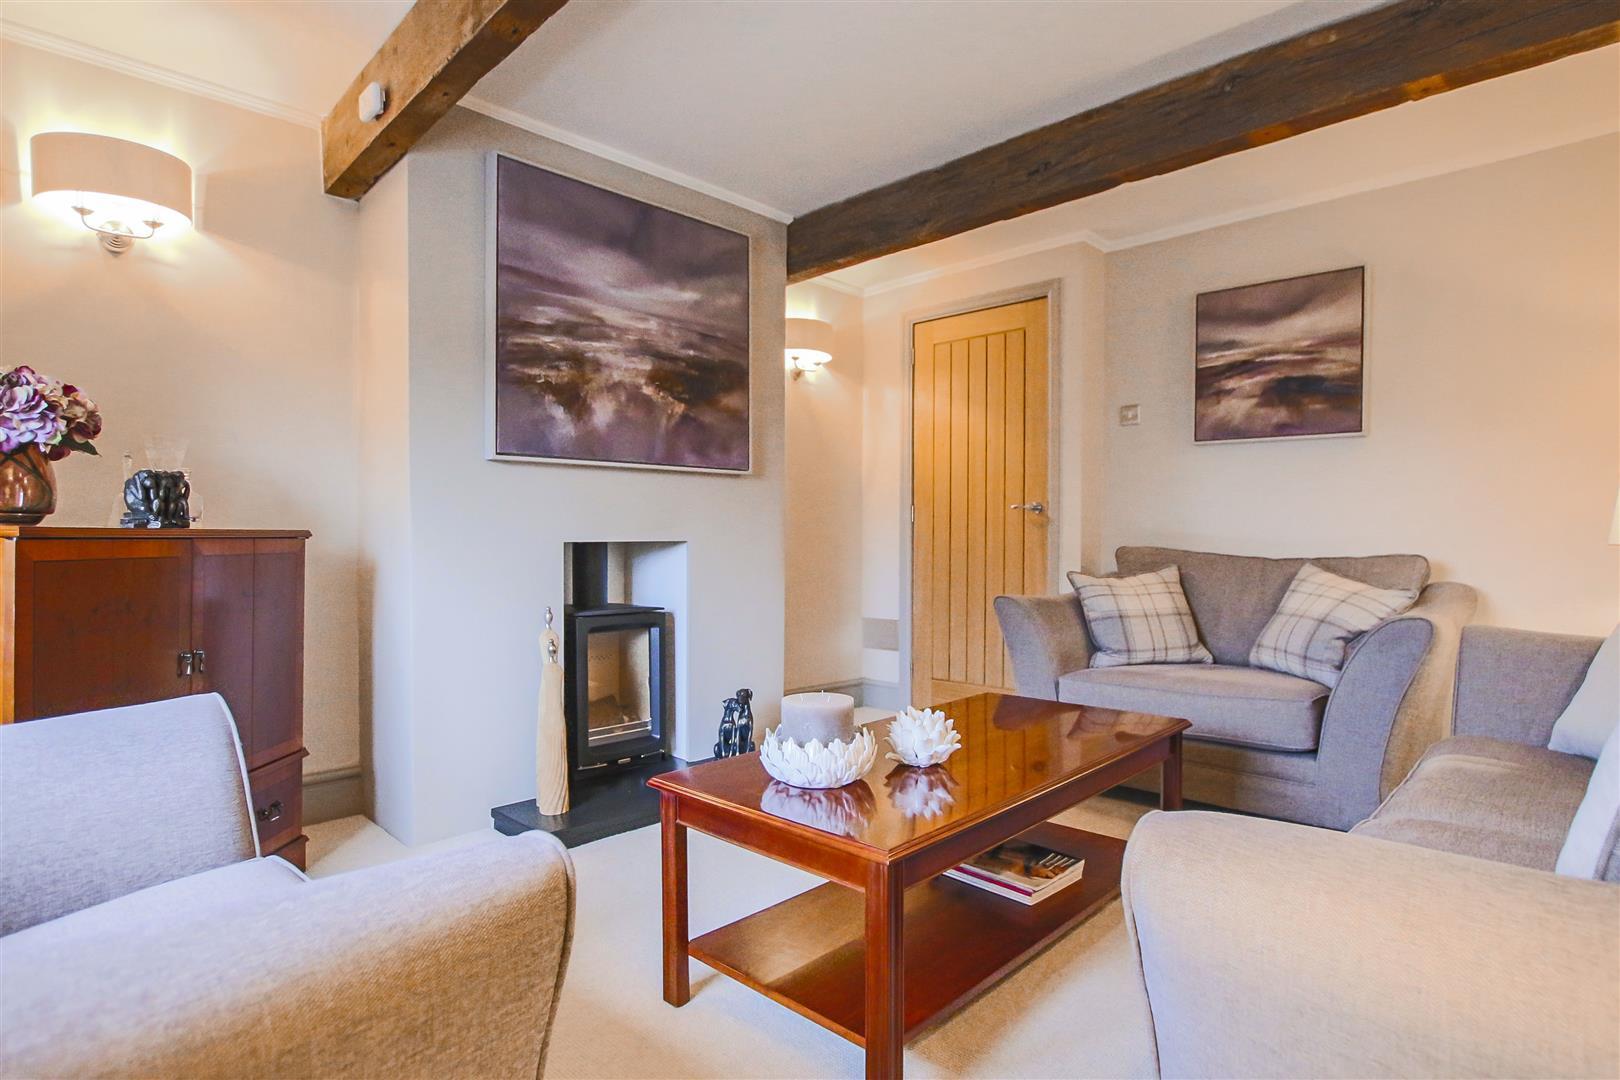 3 Bedroom Cottage For Sale - Living Room